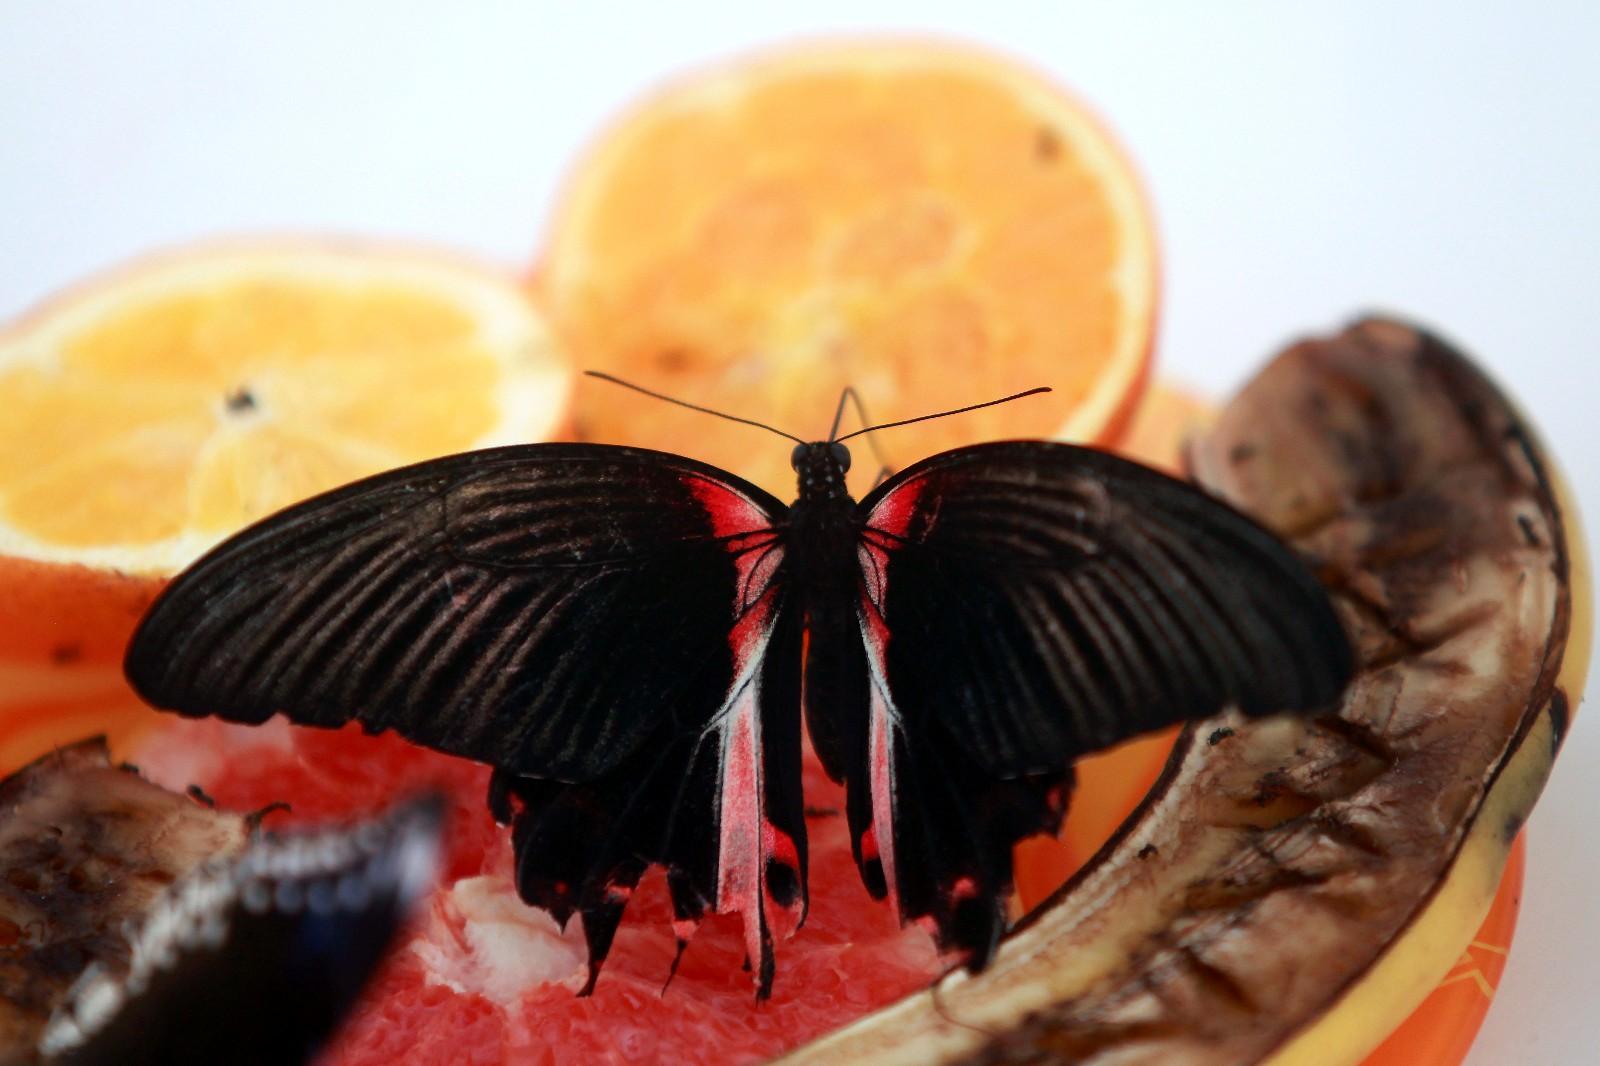 这是5月13日在拉脱维亚的特尔维特蝴蝶园拍摄的一只红斑美凤蝶。 特尔维特的蝴蝶园养殖有来自亚洲、南美洲和非洲的各种珍稀蝴蝶。 新华社/欧新